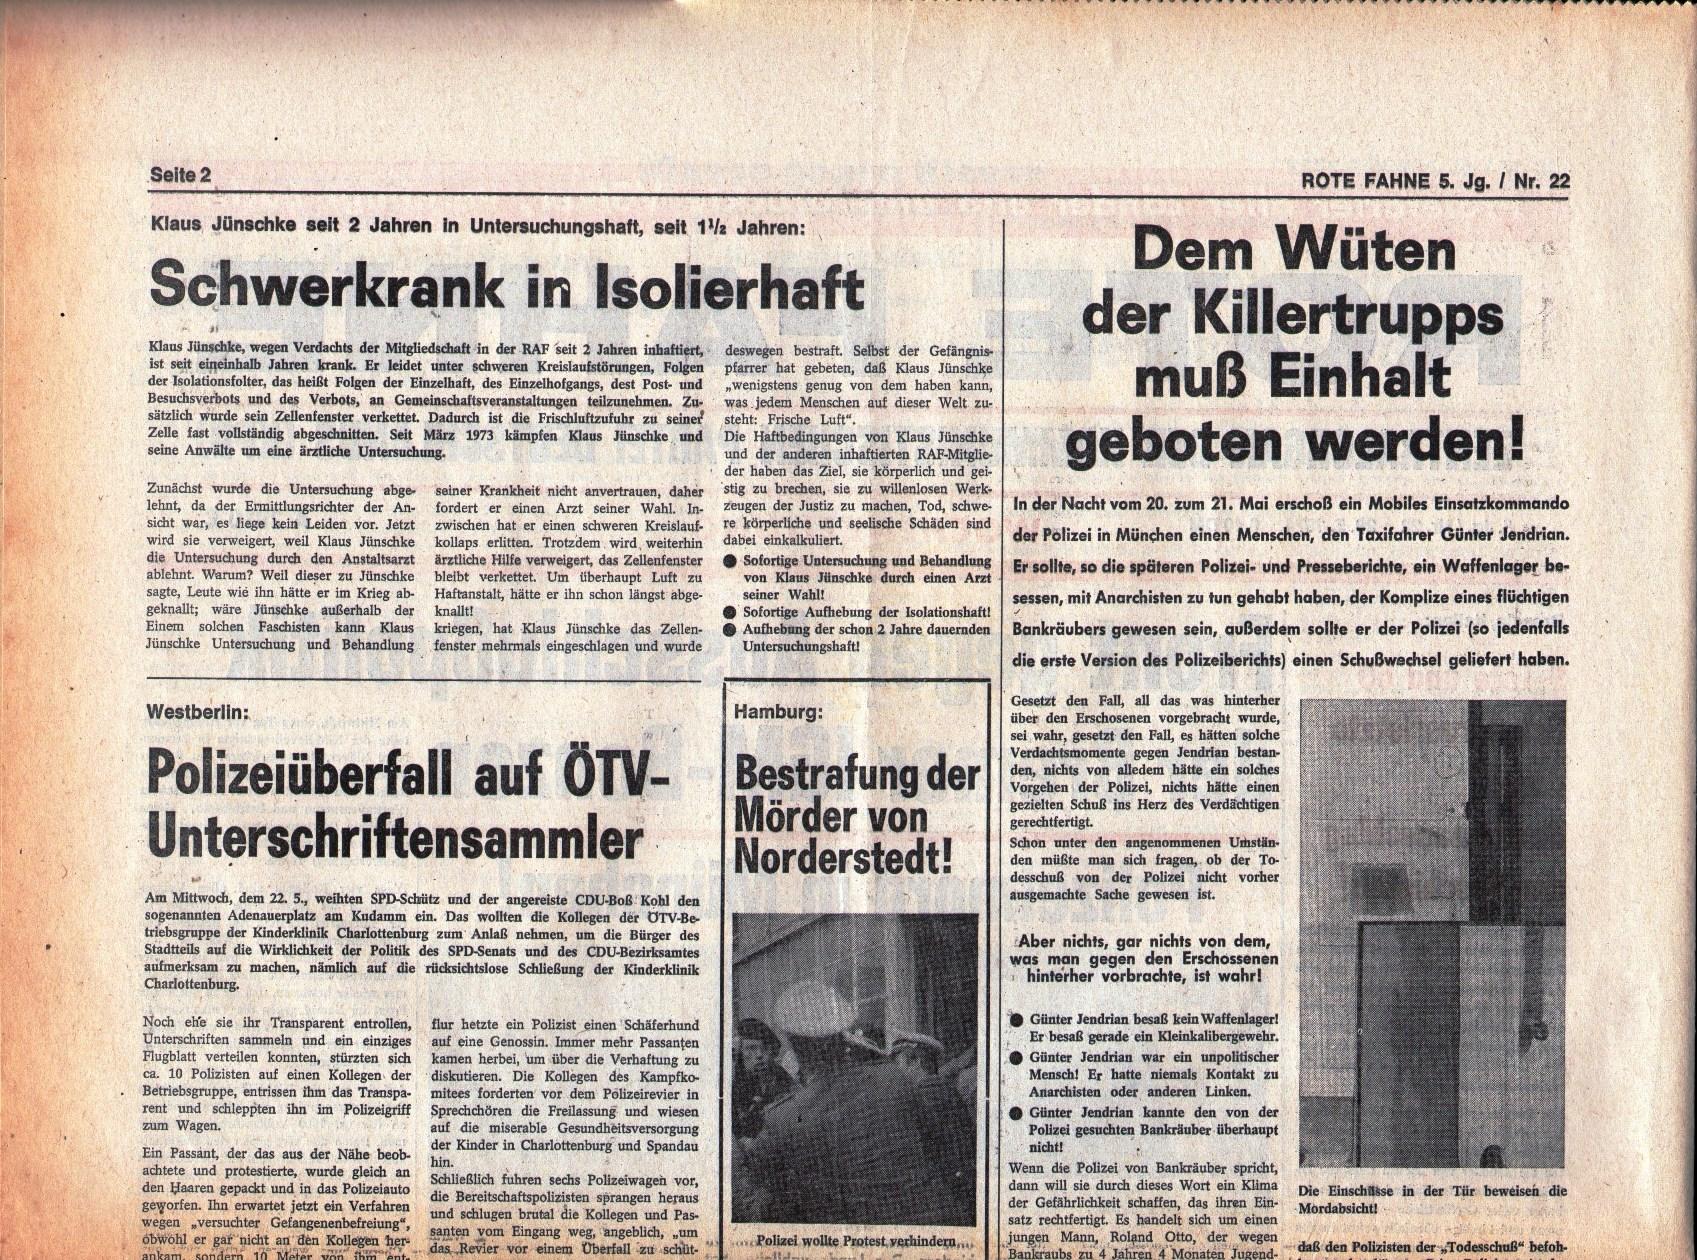 KPD_Rote_Fahne_1974_22_03